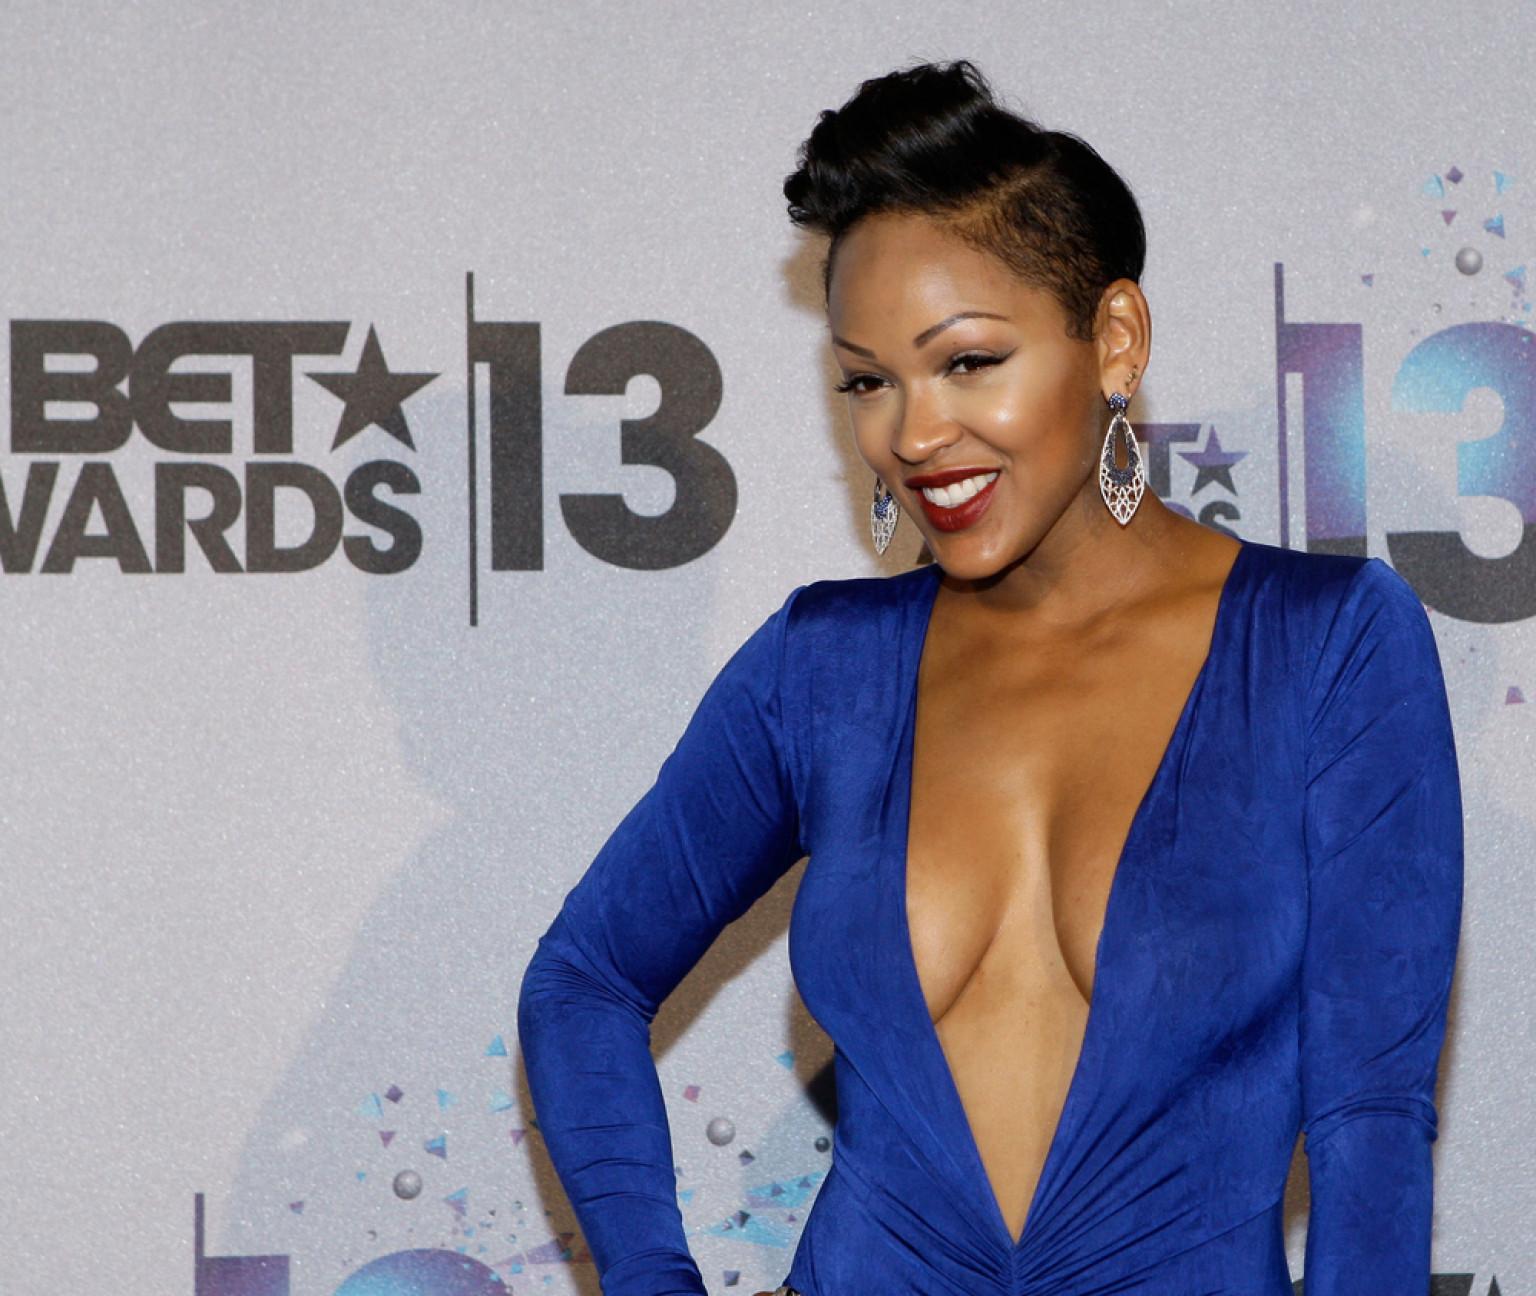 Meagan Good Bet Awards Dress